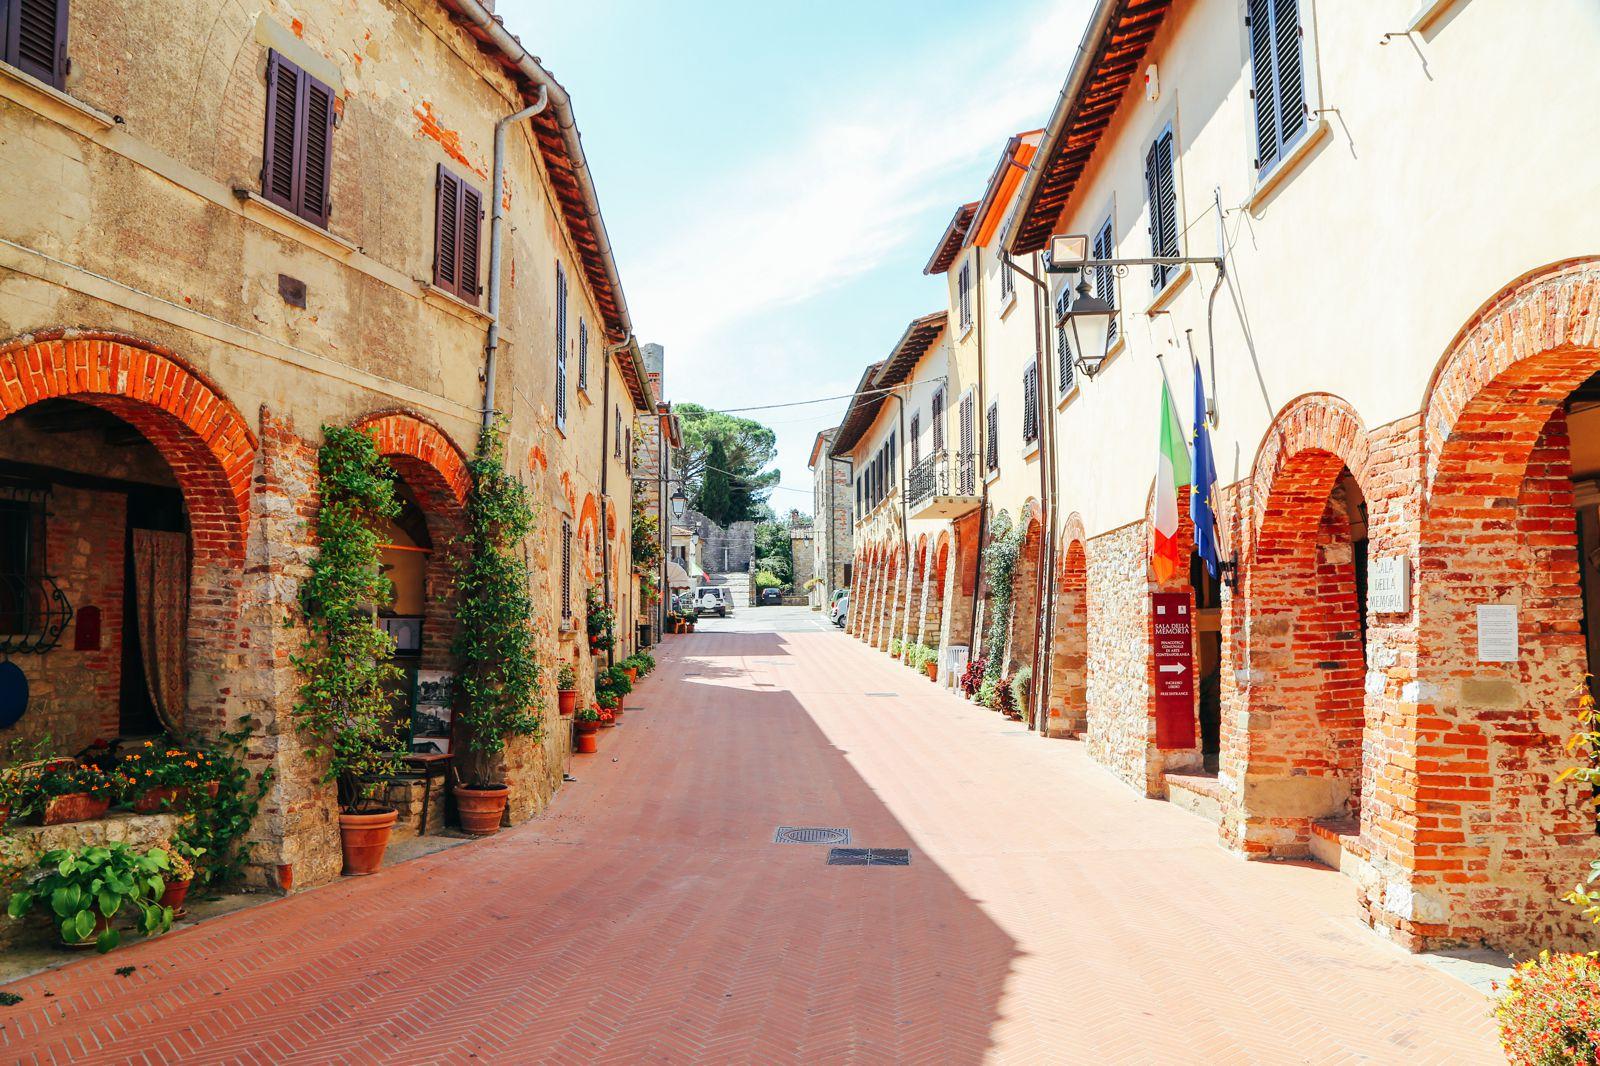 Have You Ever Heard Of Civitella in Val di Chiana? (11)